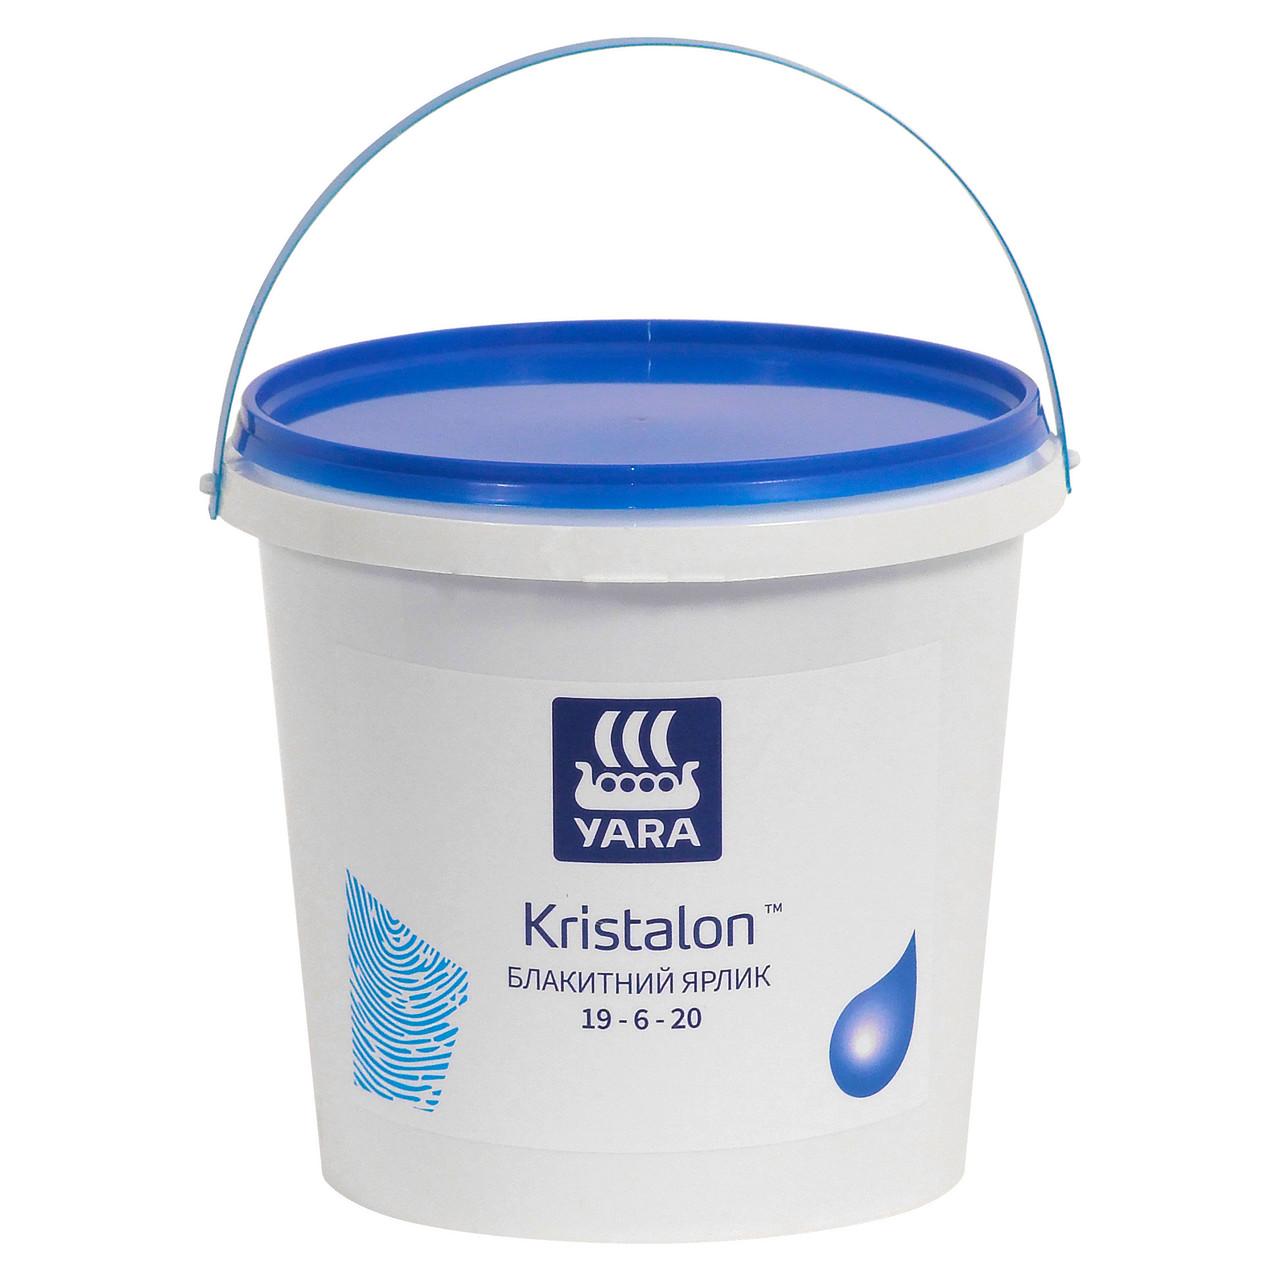 Удобрение для гидропоники, для аквапоники, Яра Кристалон Глубой,  Yara KRISTALON 19-6-20 BLUE LABEL (1,0 кг)